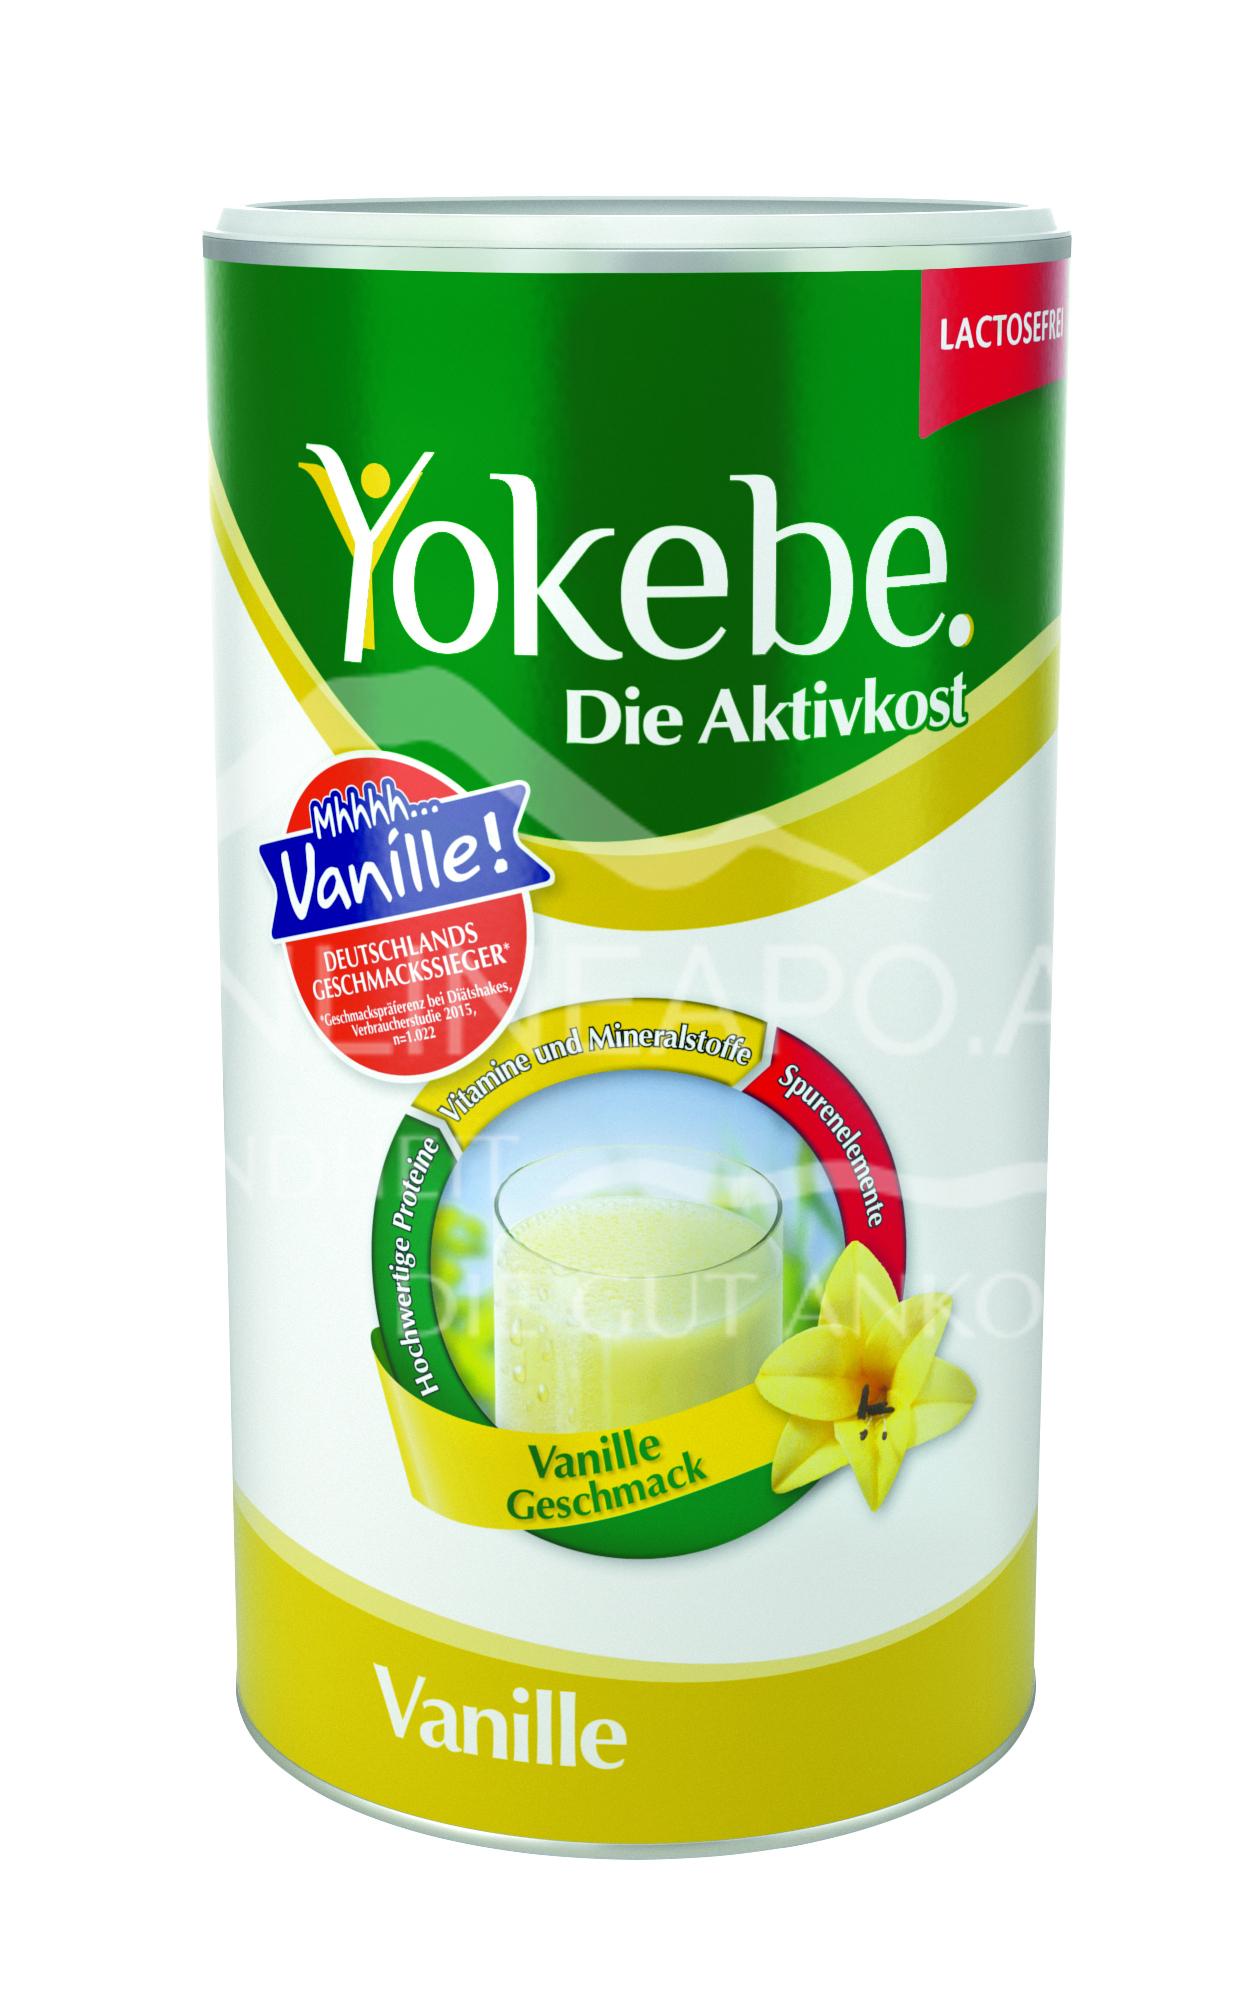 Yokebe Vanille Lactosefrei